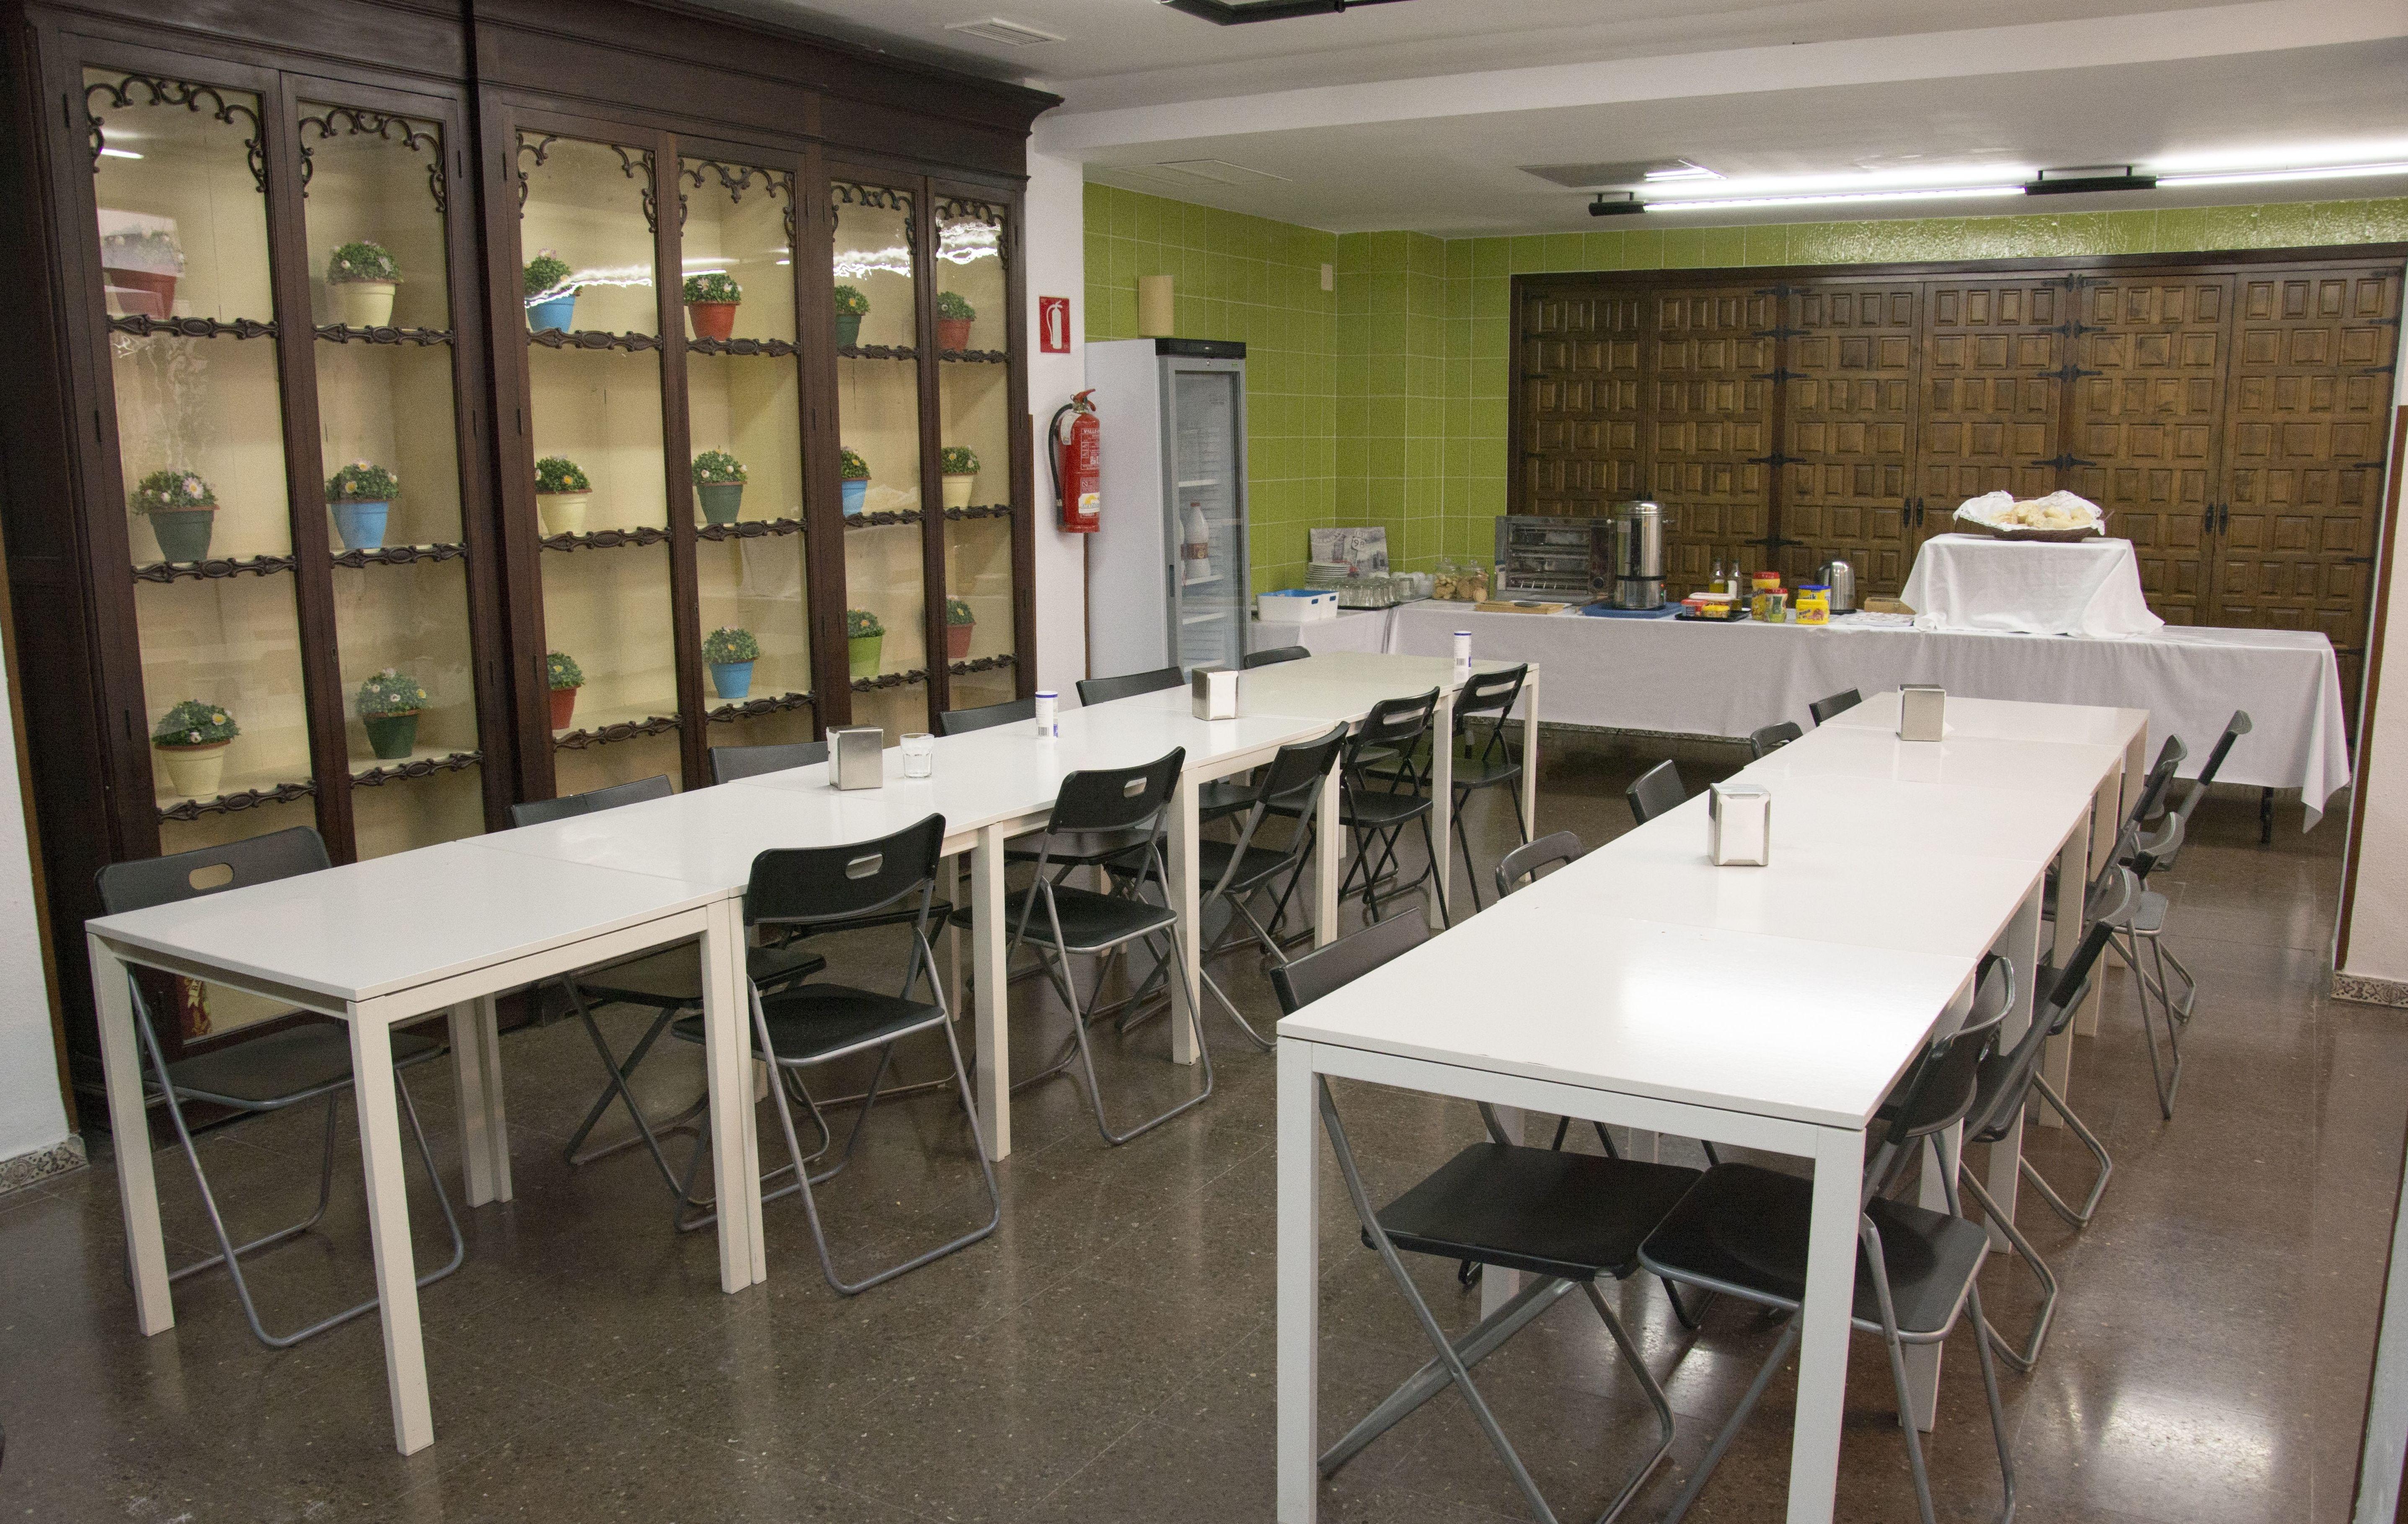 Foto 4 de Residencia de estudiantes en Cádiz | Residencia de Estudiantes Cádiz Centro